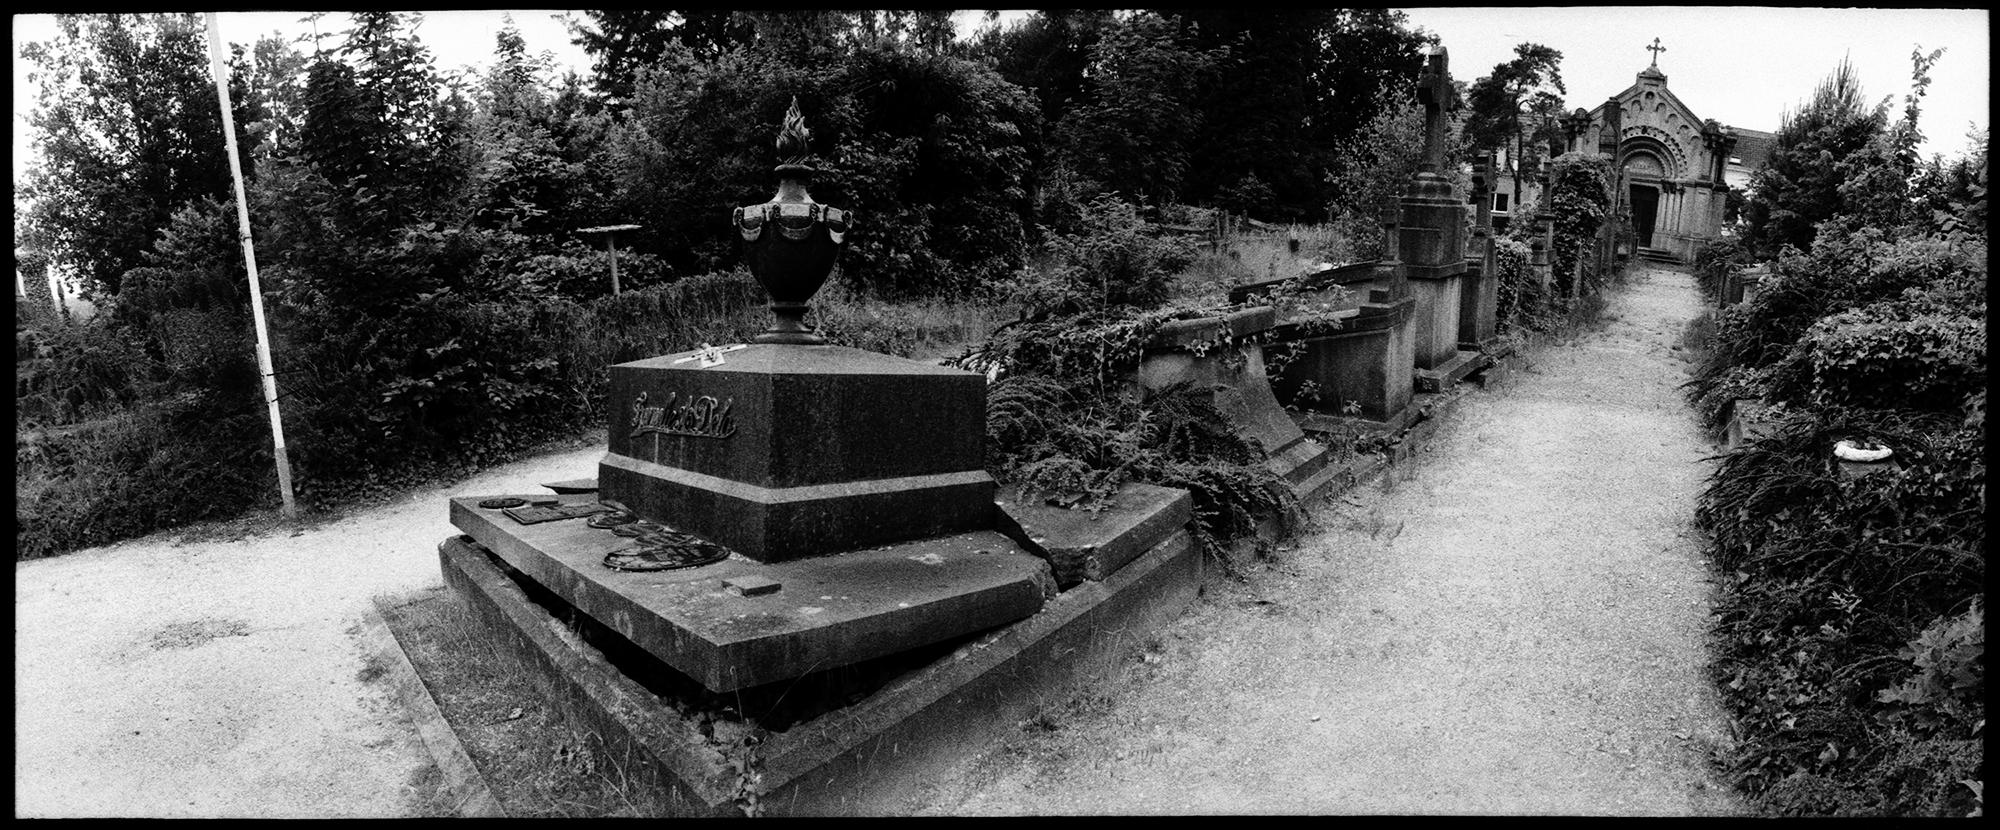 Dieweg Cemetery by Laurent Orseau #47